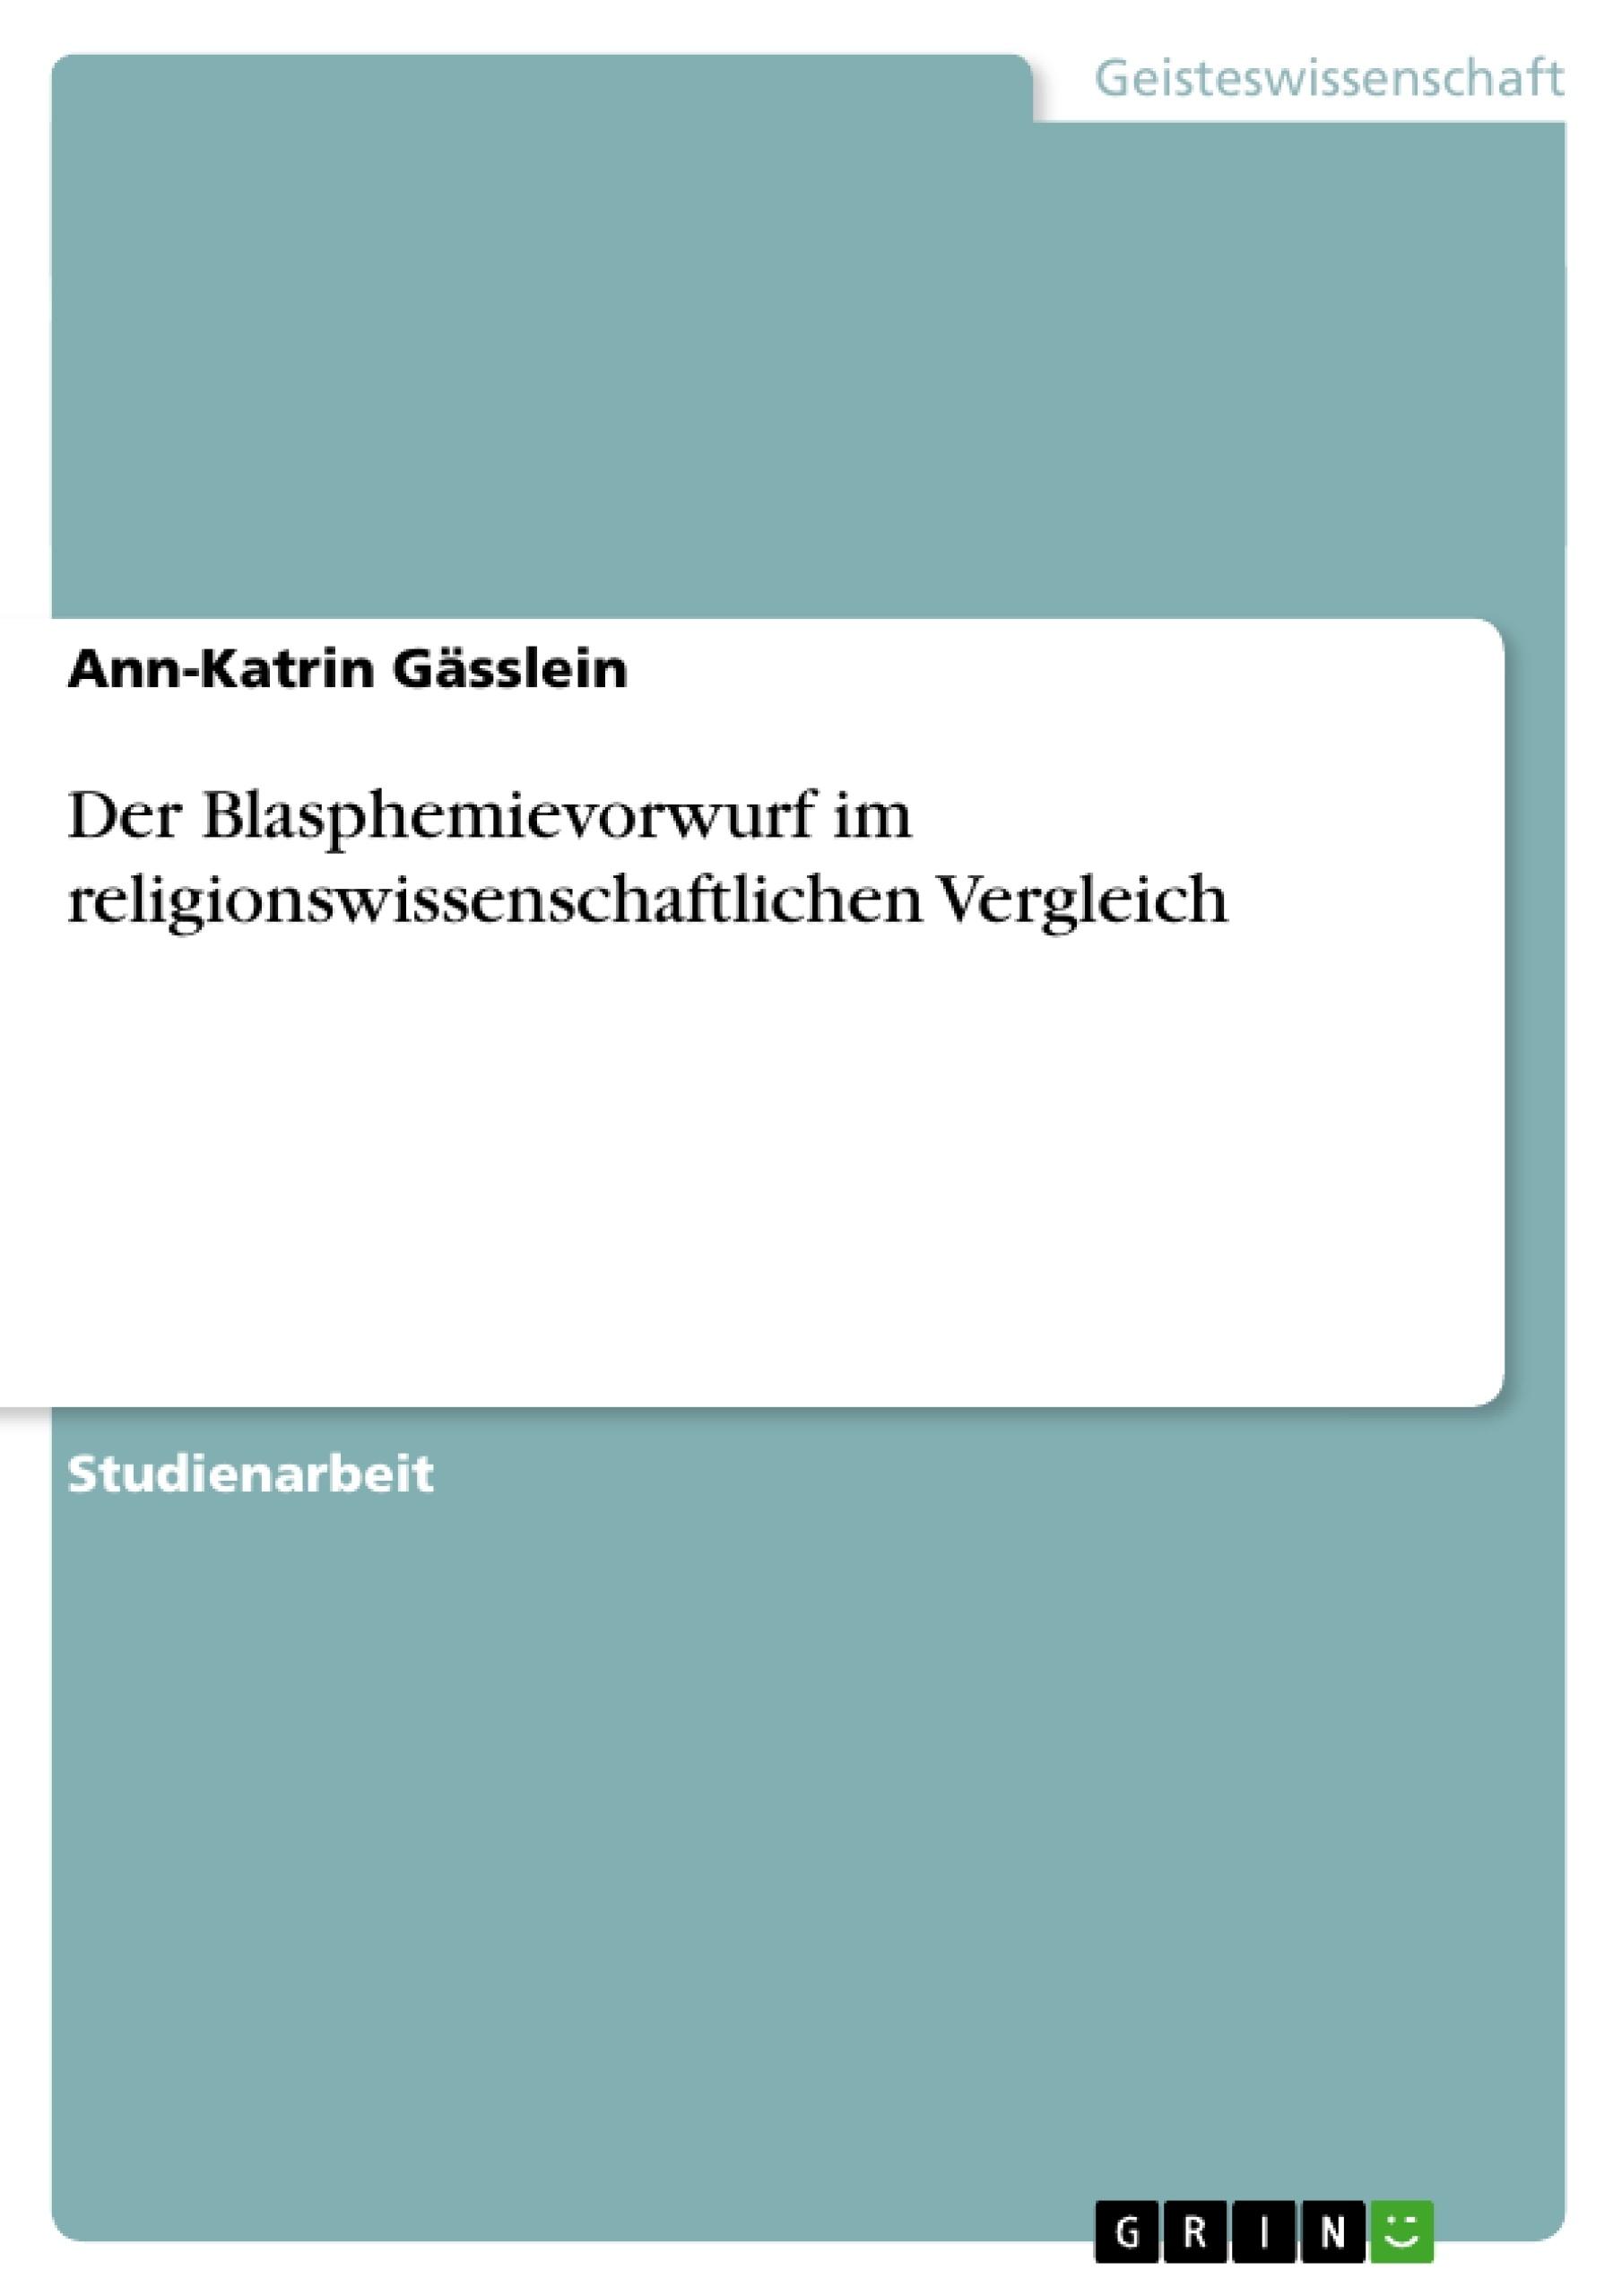 Titel: Der Blasphemievorwurf im religionswissenschaftlichen Vergleich